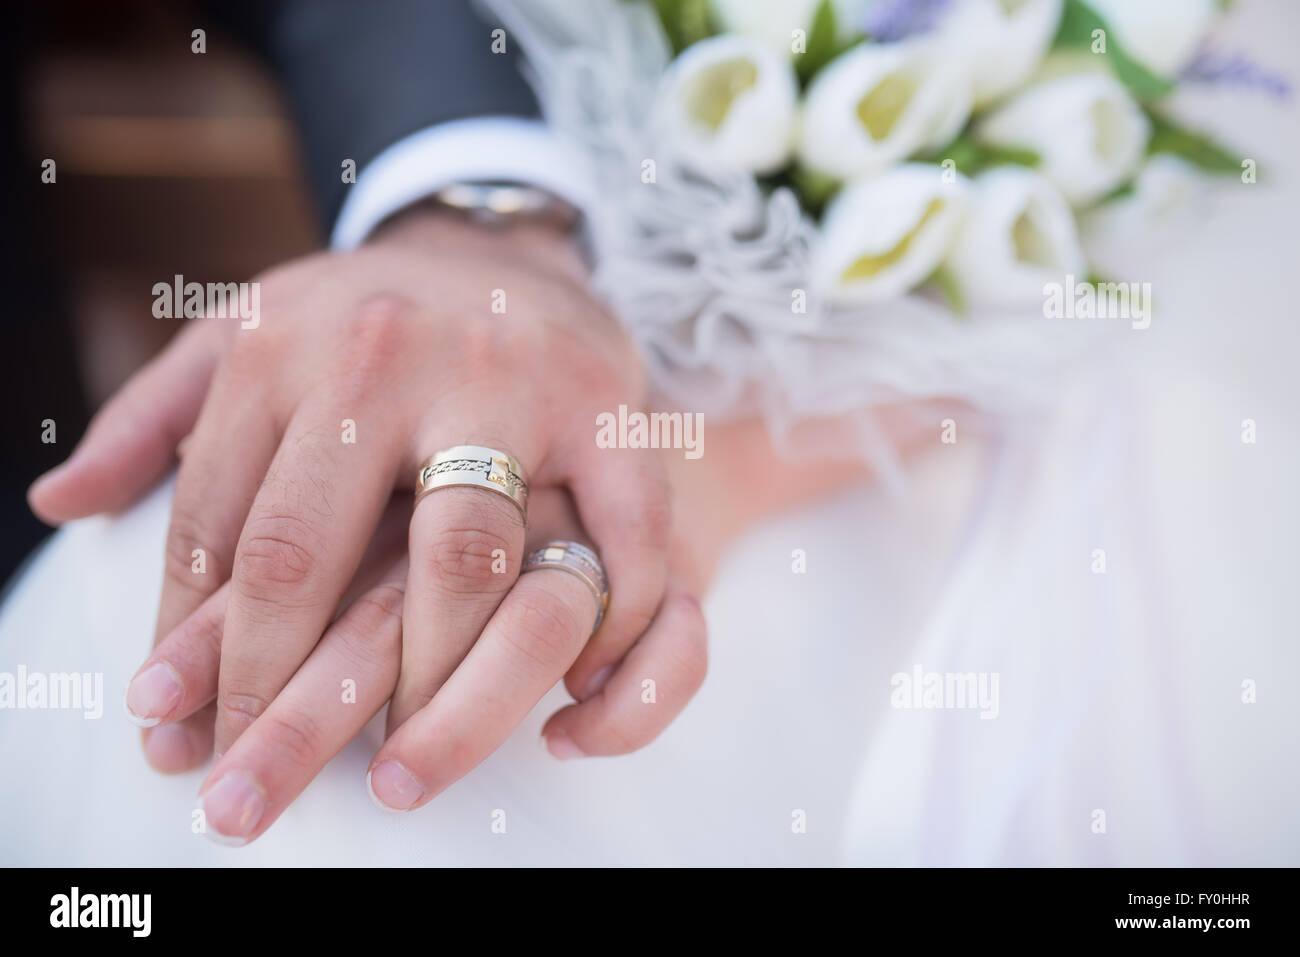 Wedding Theme Stock Photos & Wedding Theme Stock Images - Alamy